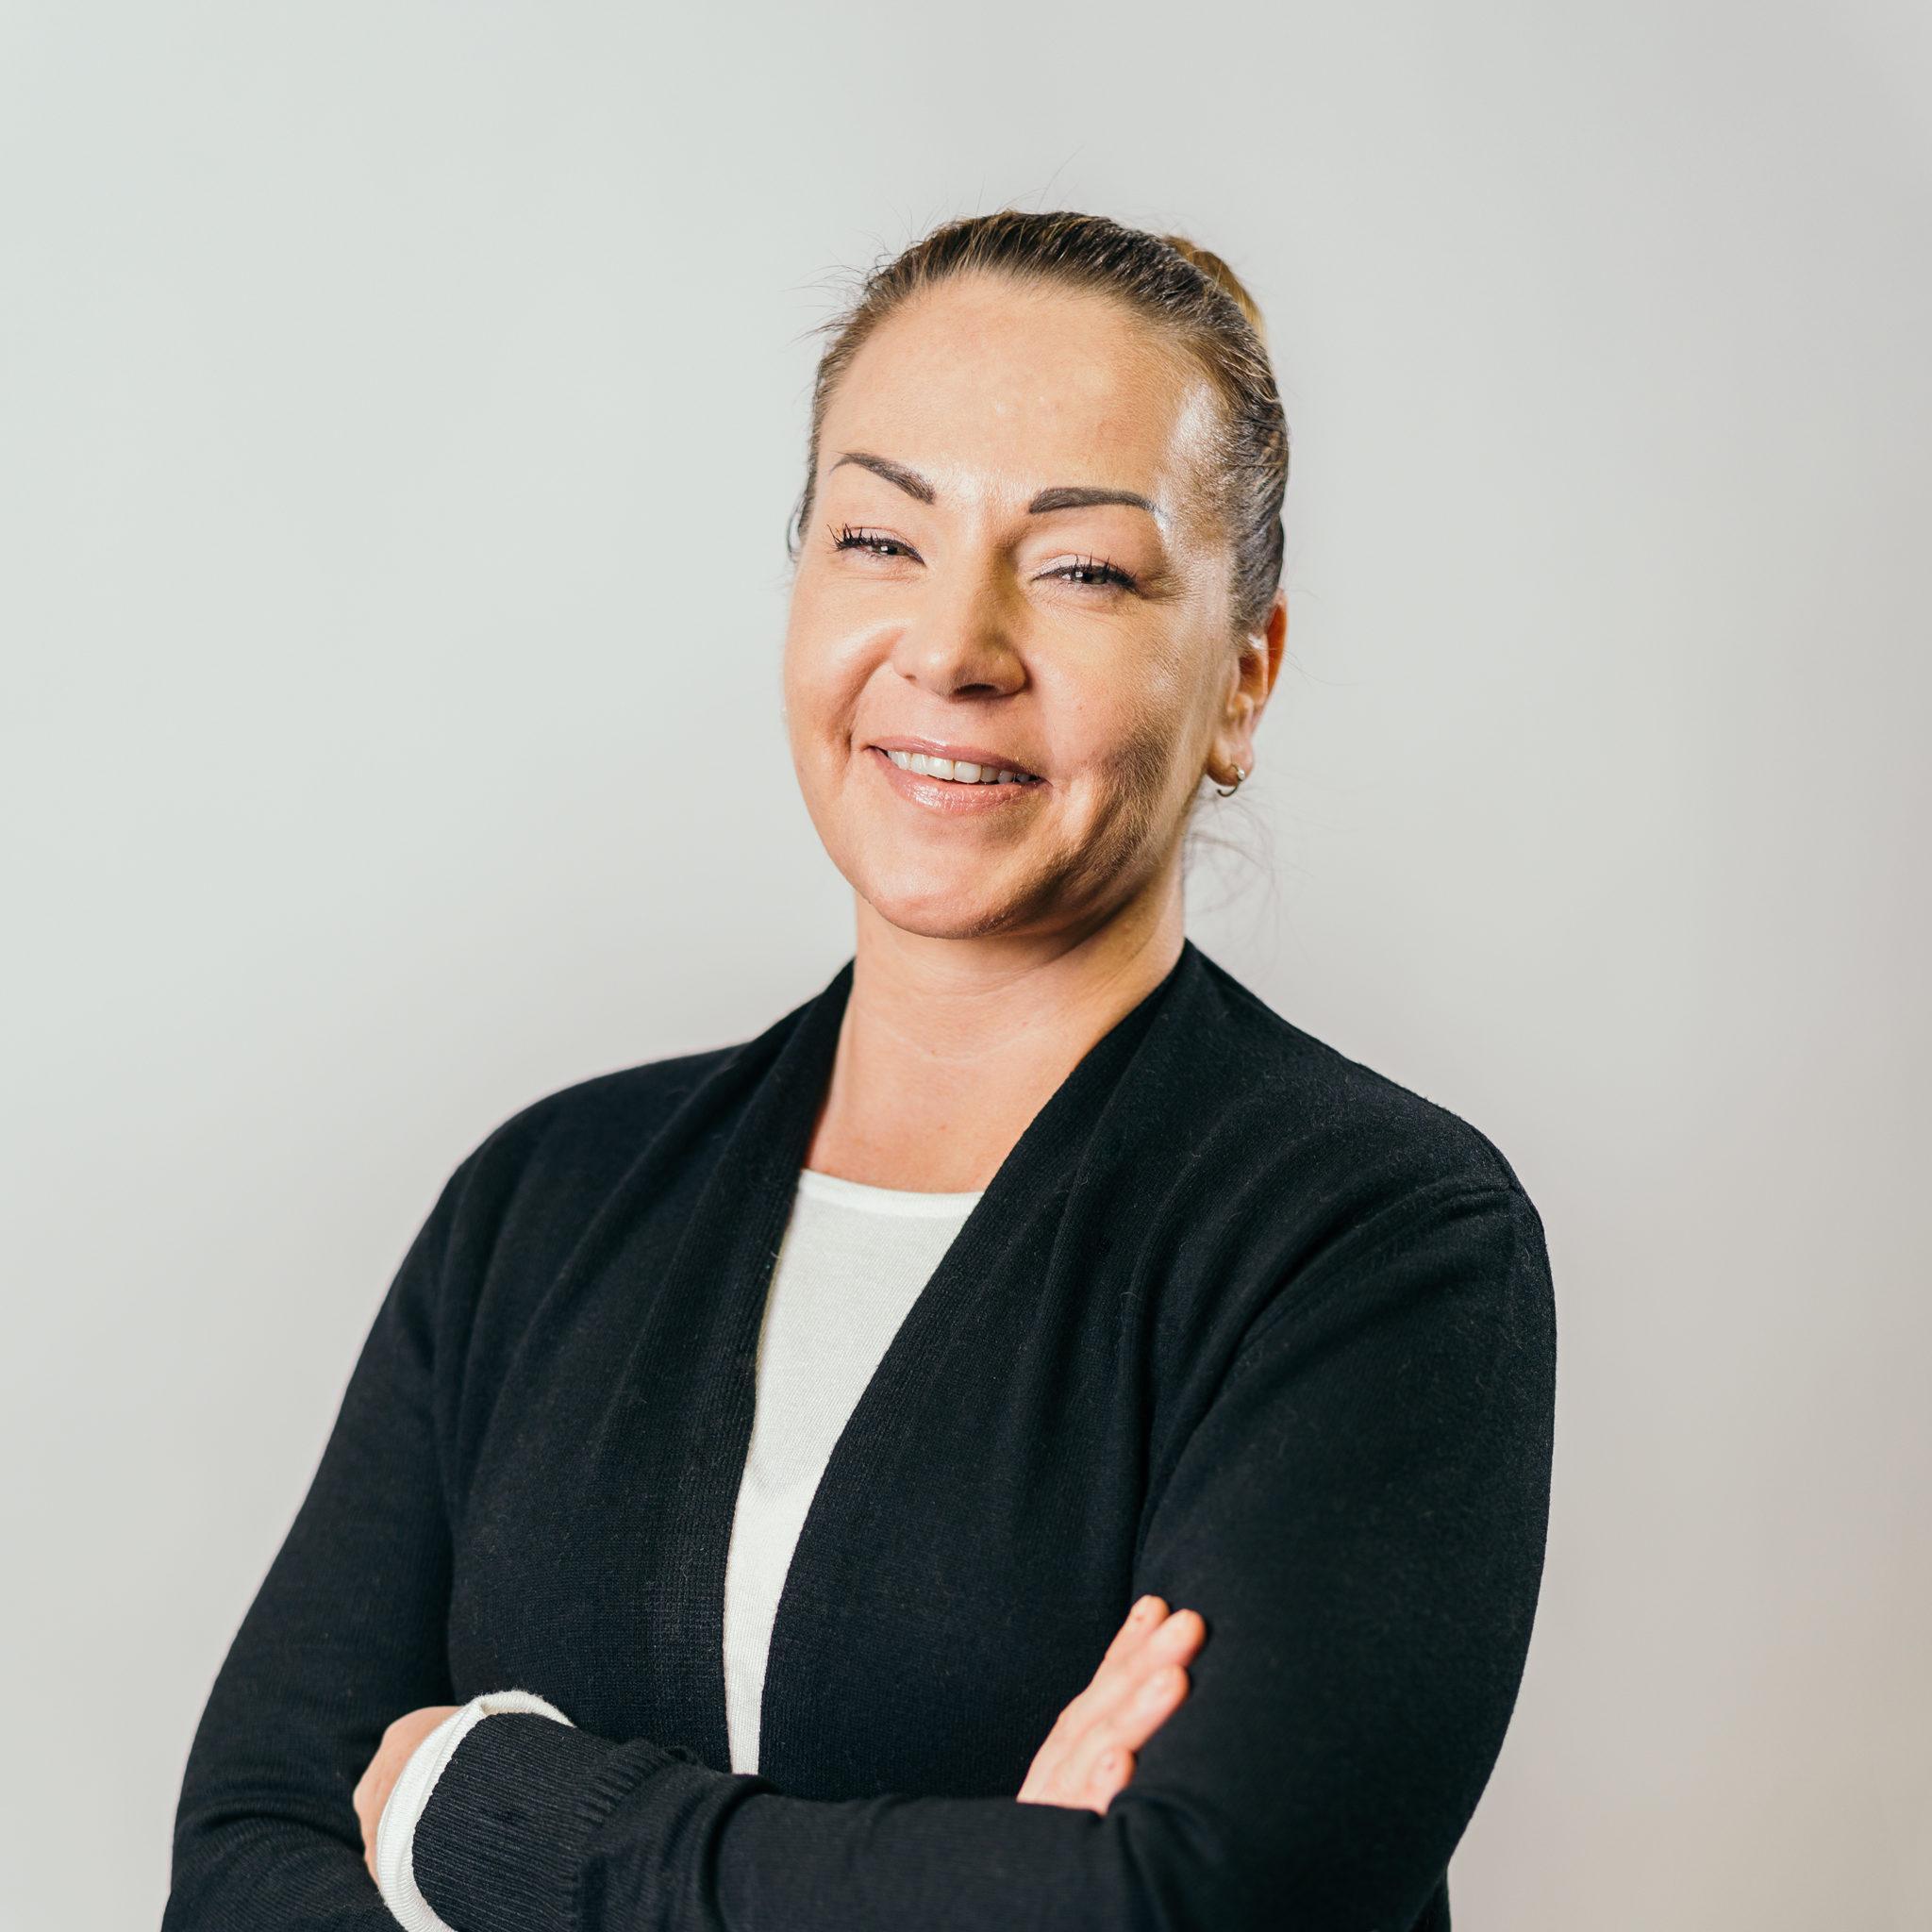 Profile picture of Hanna Tuovinen